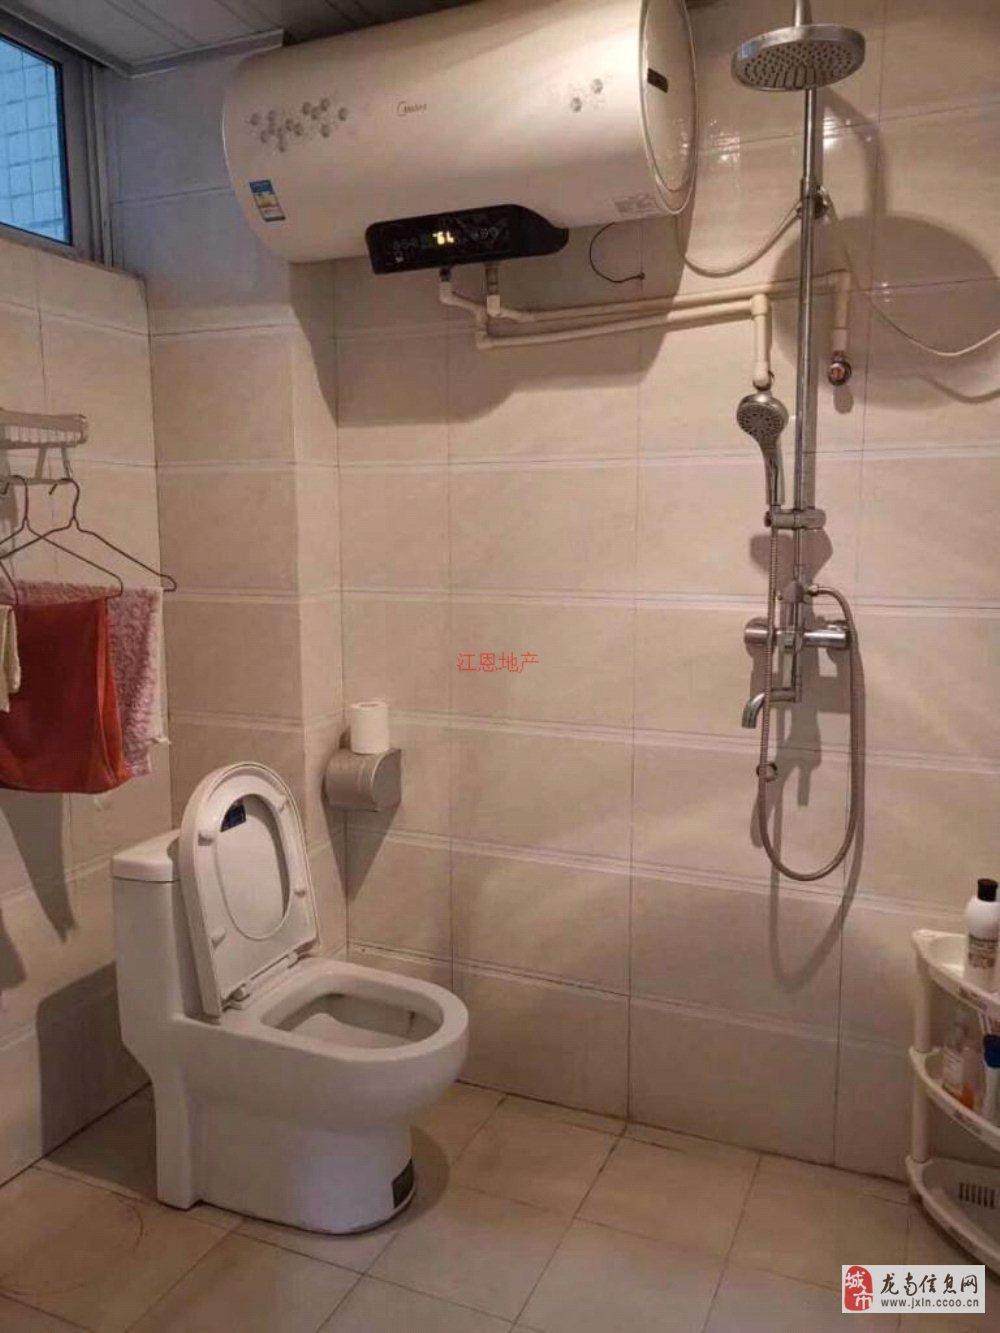 (城中央電梯房)祥瑞花園精裝3室2廳2衛85萬元